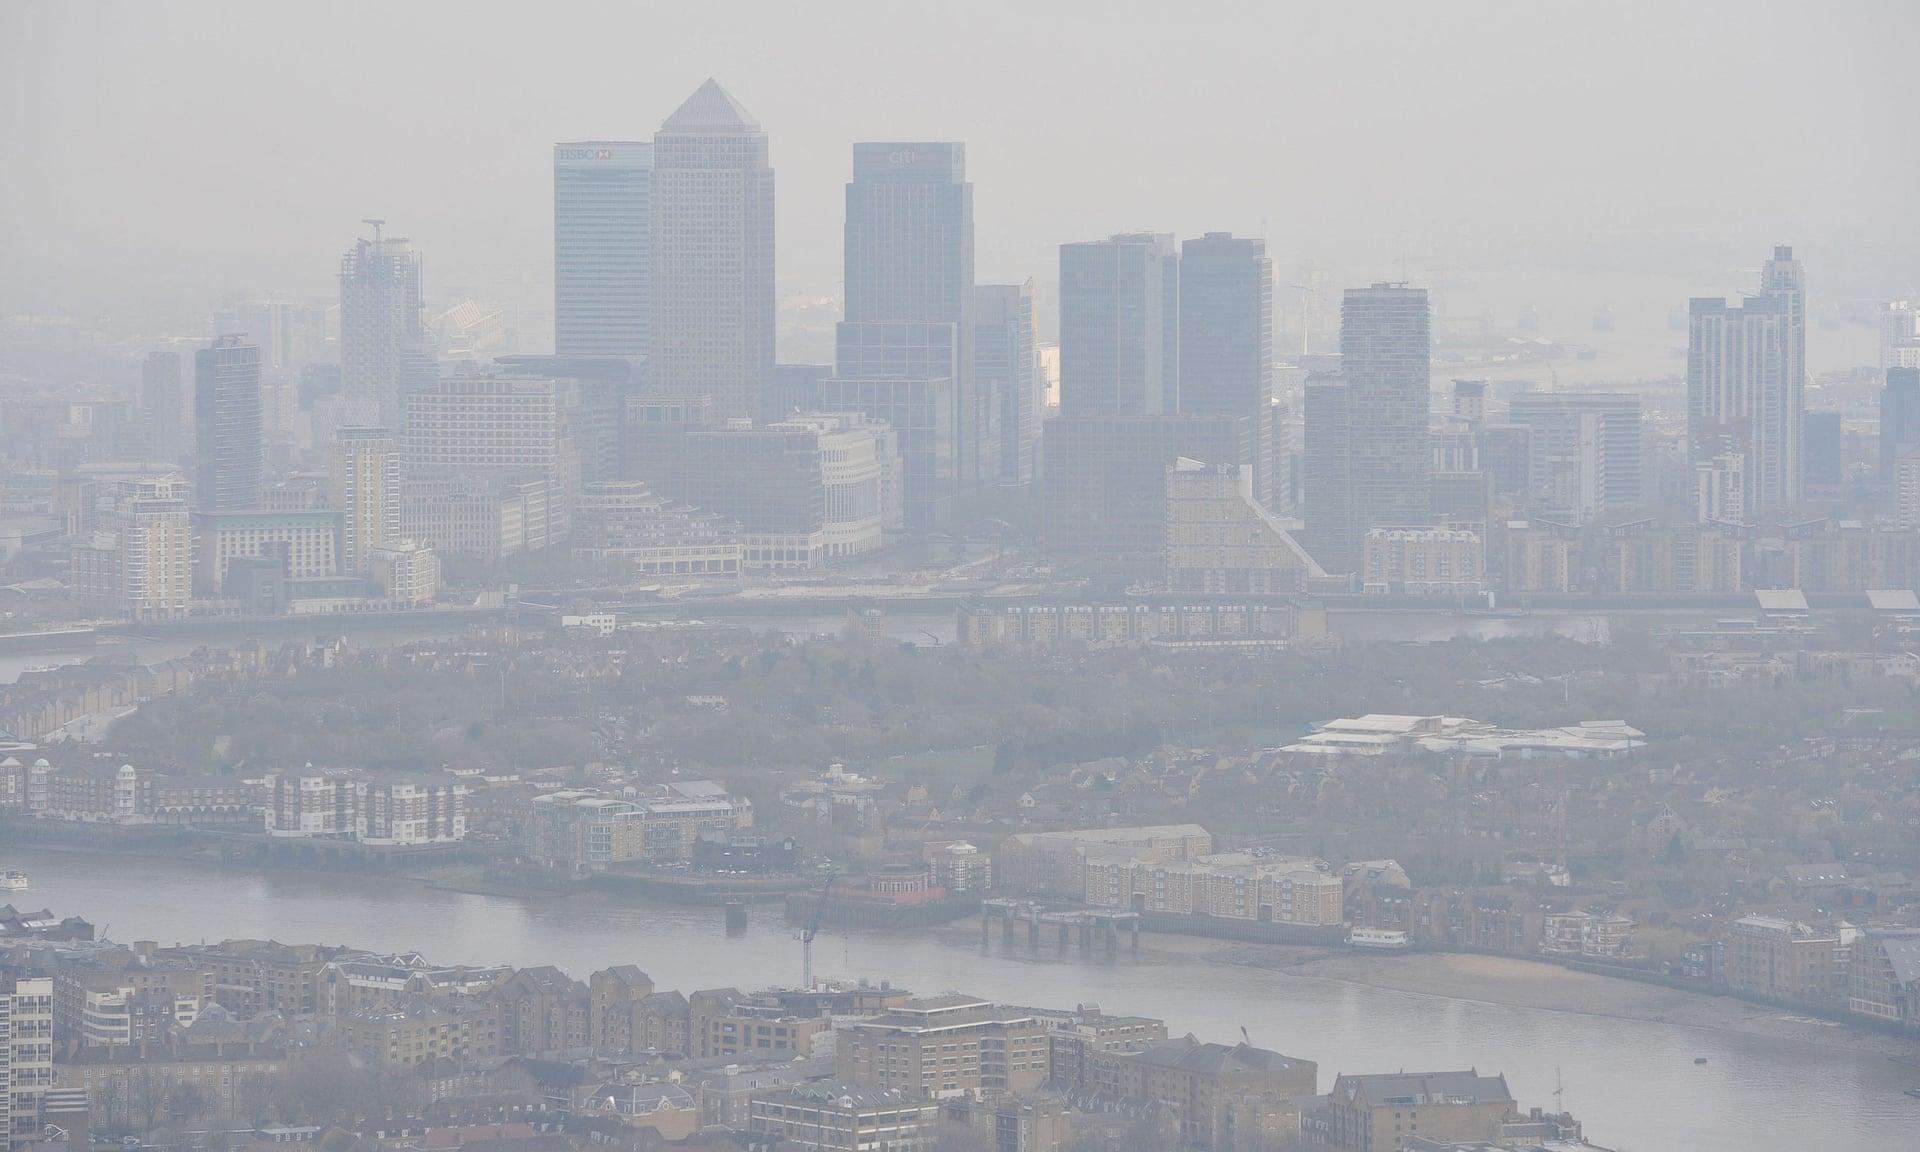 Загрязнение воздуха над Лондоном. По данным ученых, токсичный воздух вызывает больше ранних смертей, чем курение табака. Фото: Ник Анселл / PA